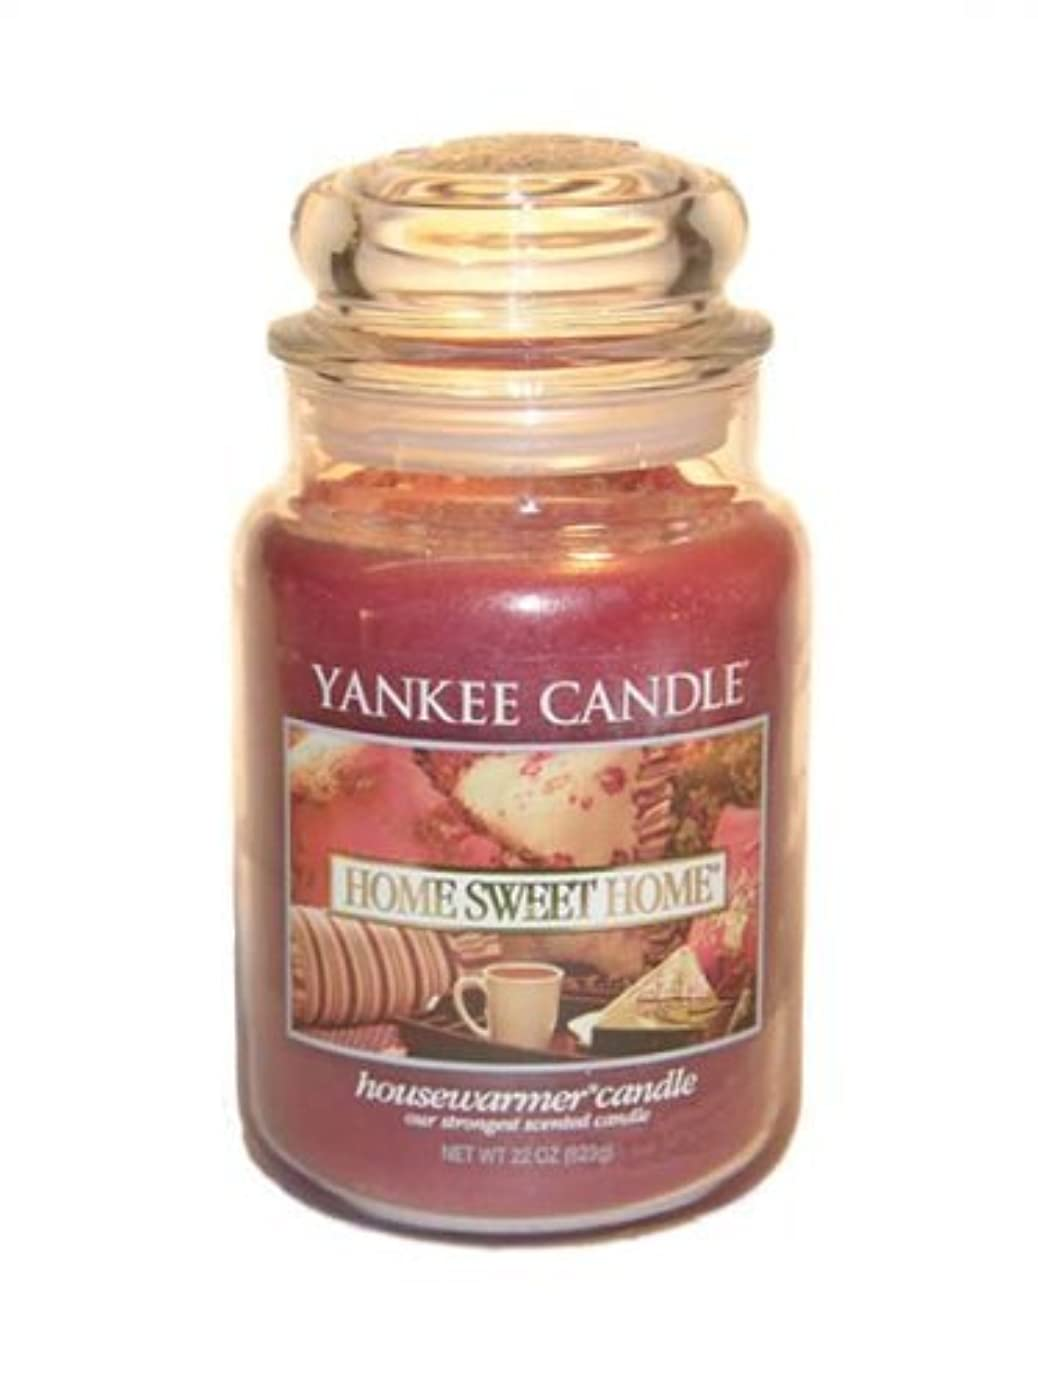 トロイの木馬命令環境保護主義者Yankee Candle Home Sweet Home Large Jar 22oz Candle by Amazon source [並行輸入品]